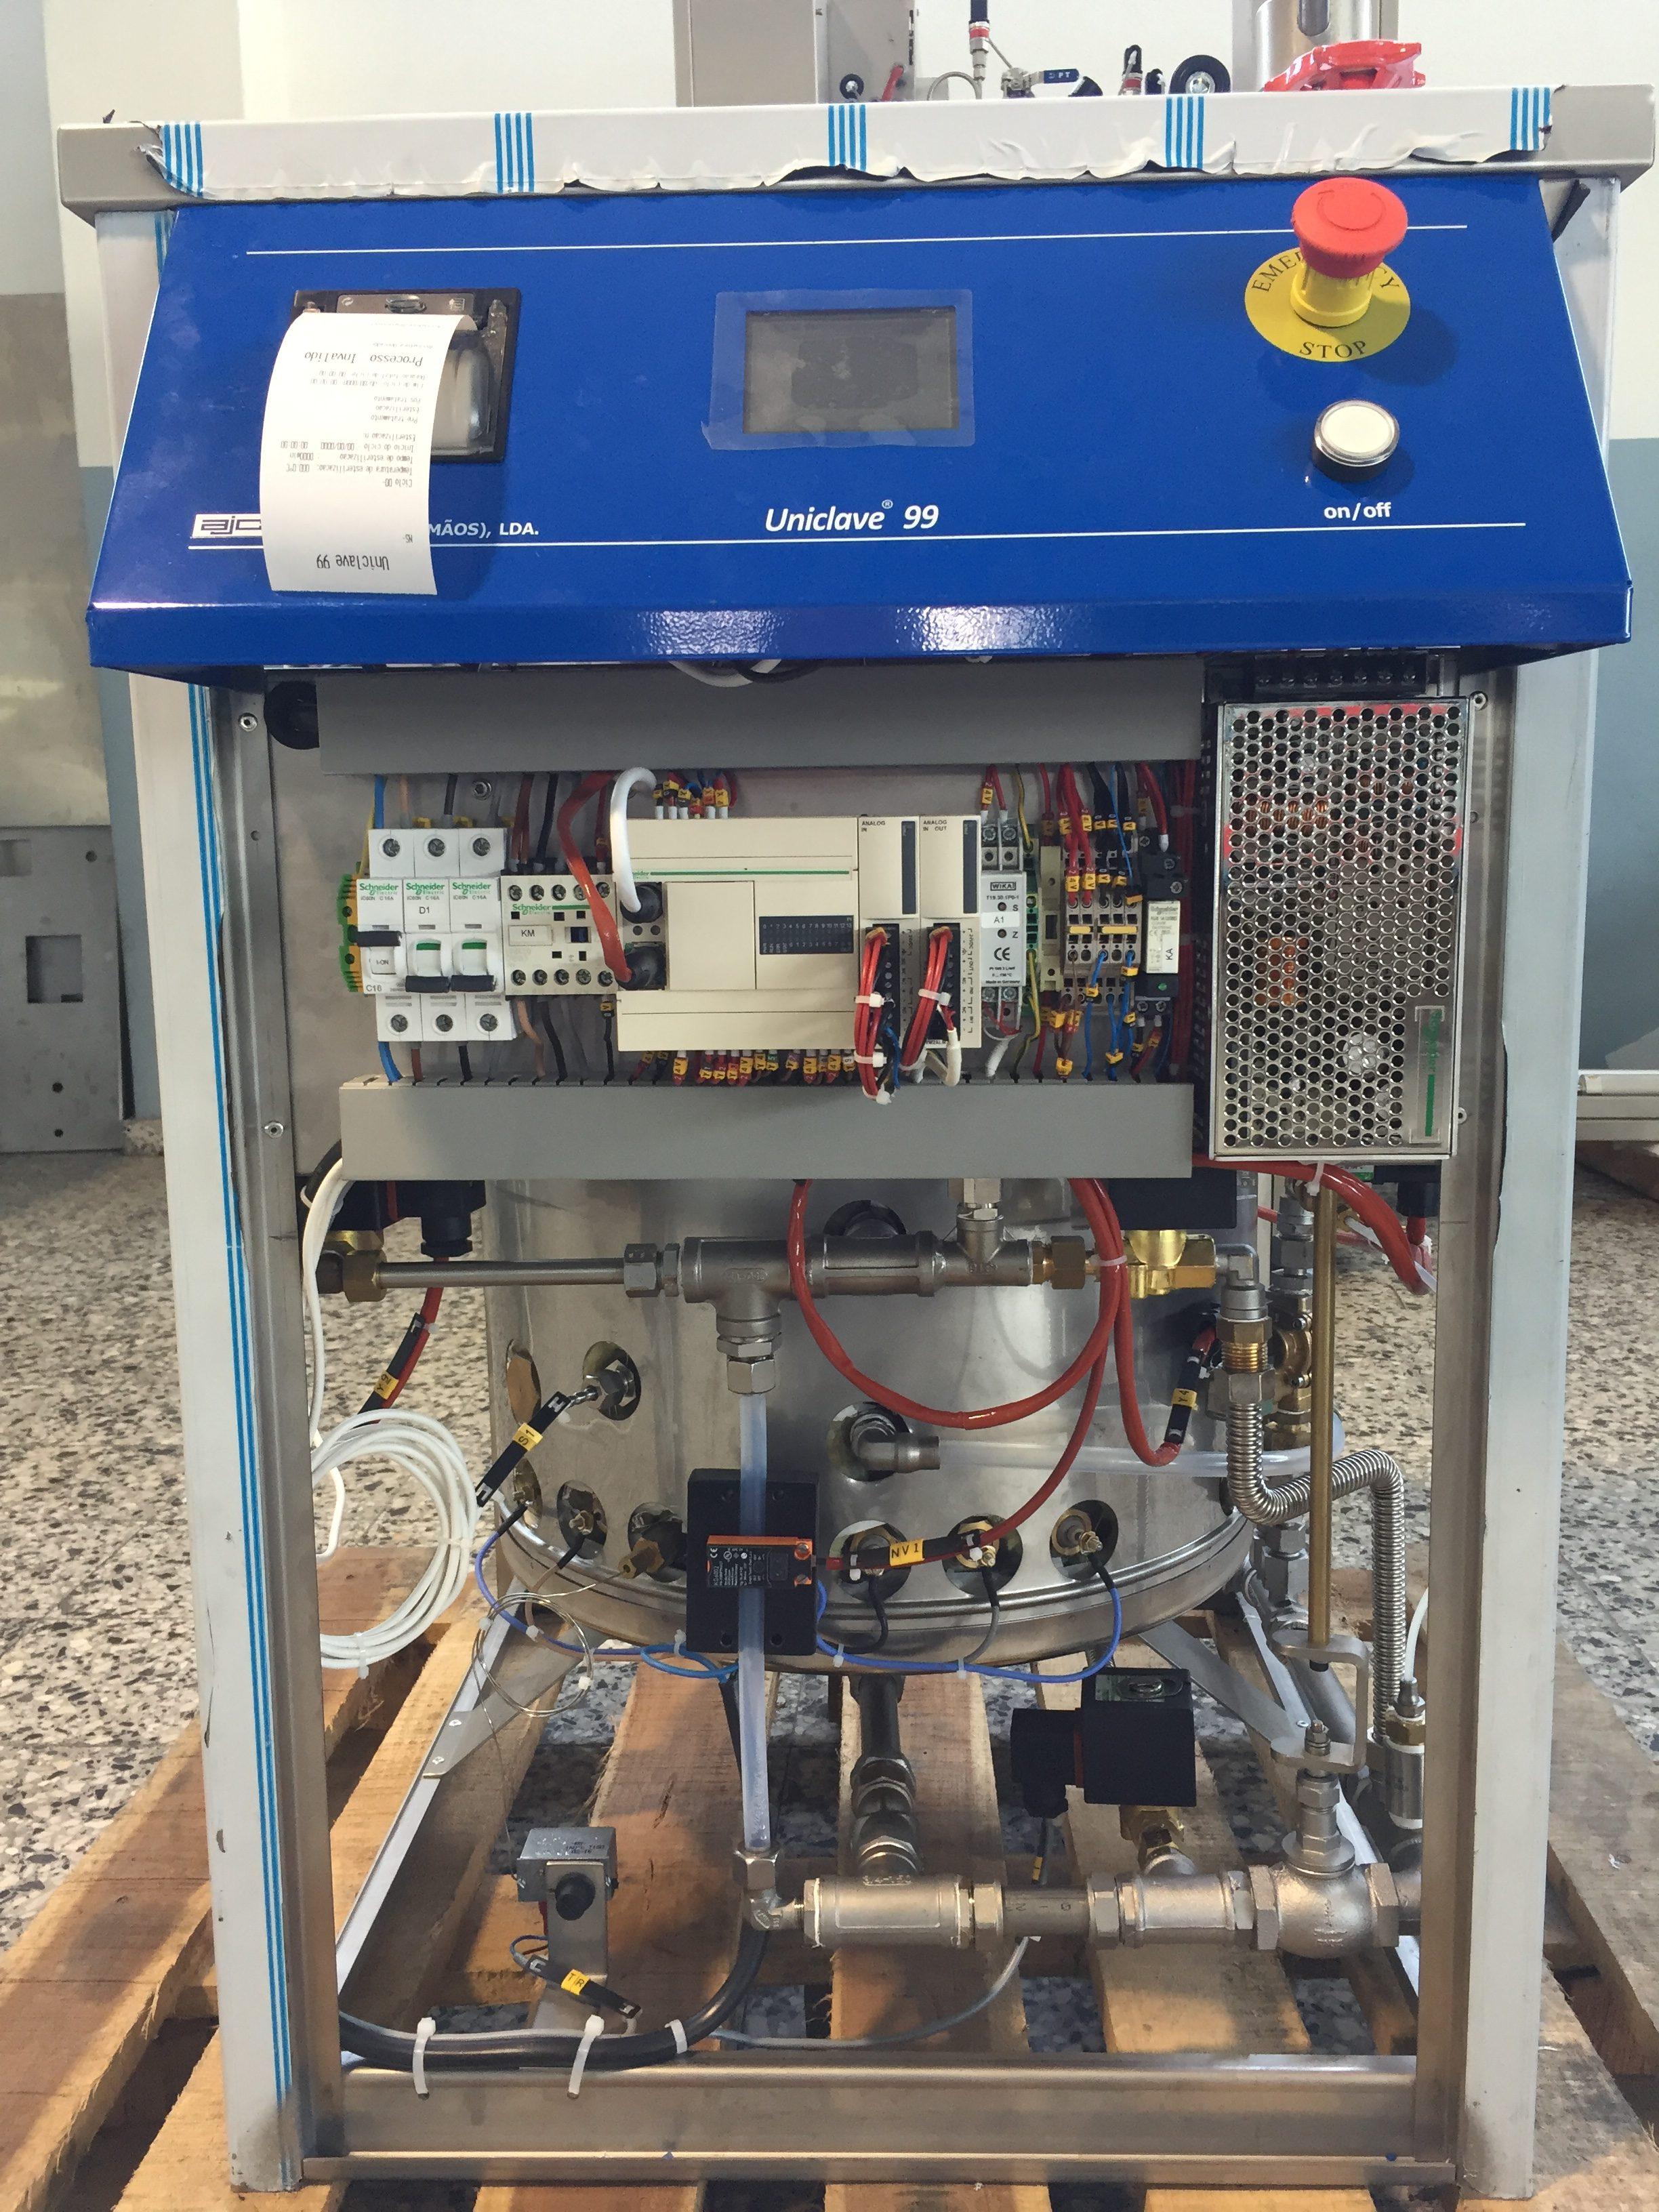 AJC - Compartiment technique Uniclave - Technic Labo